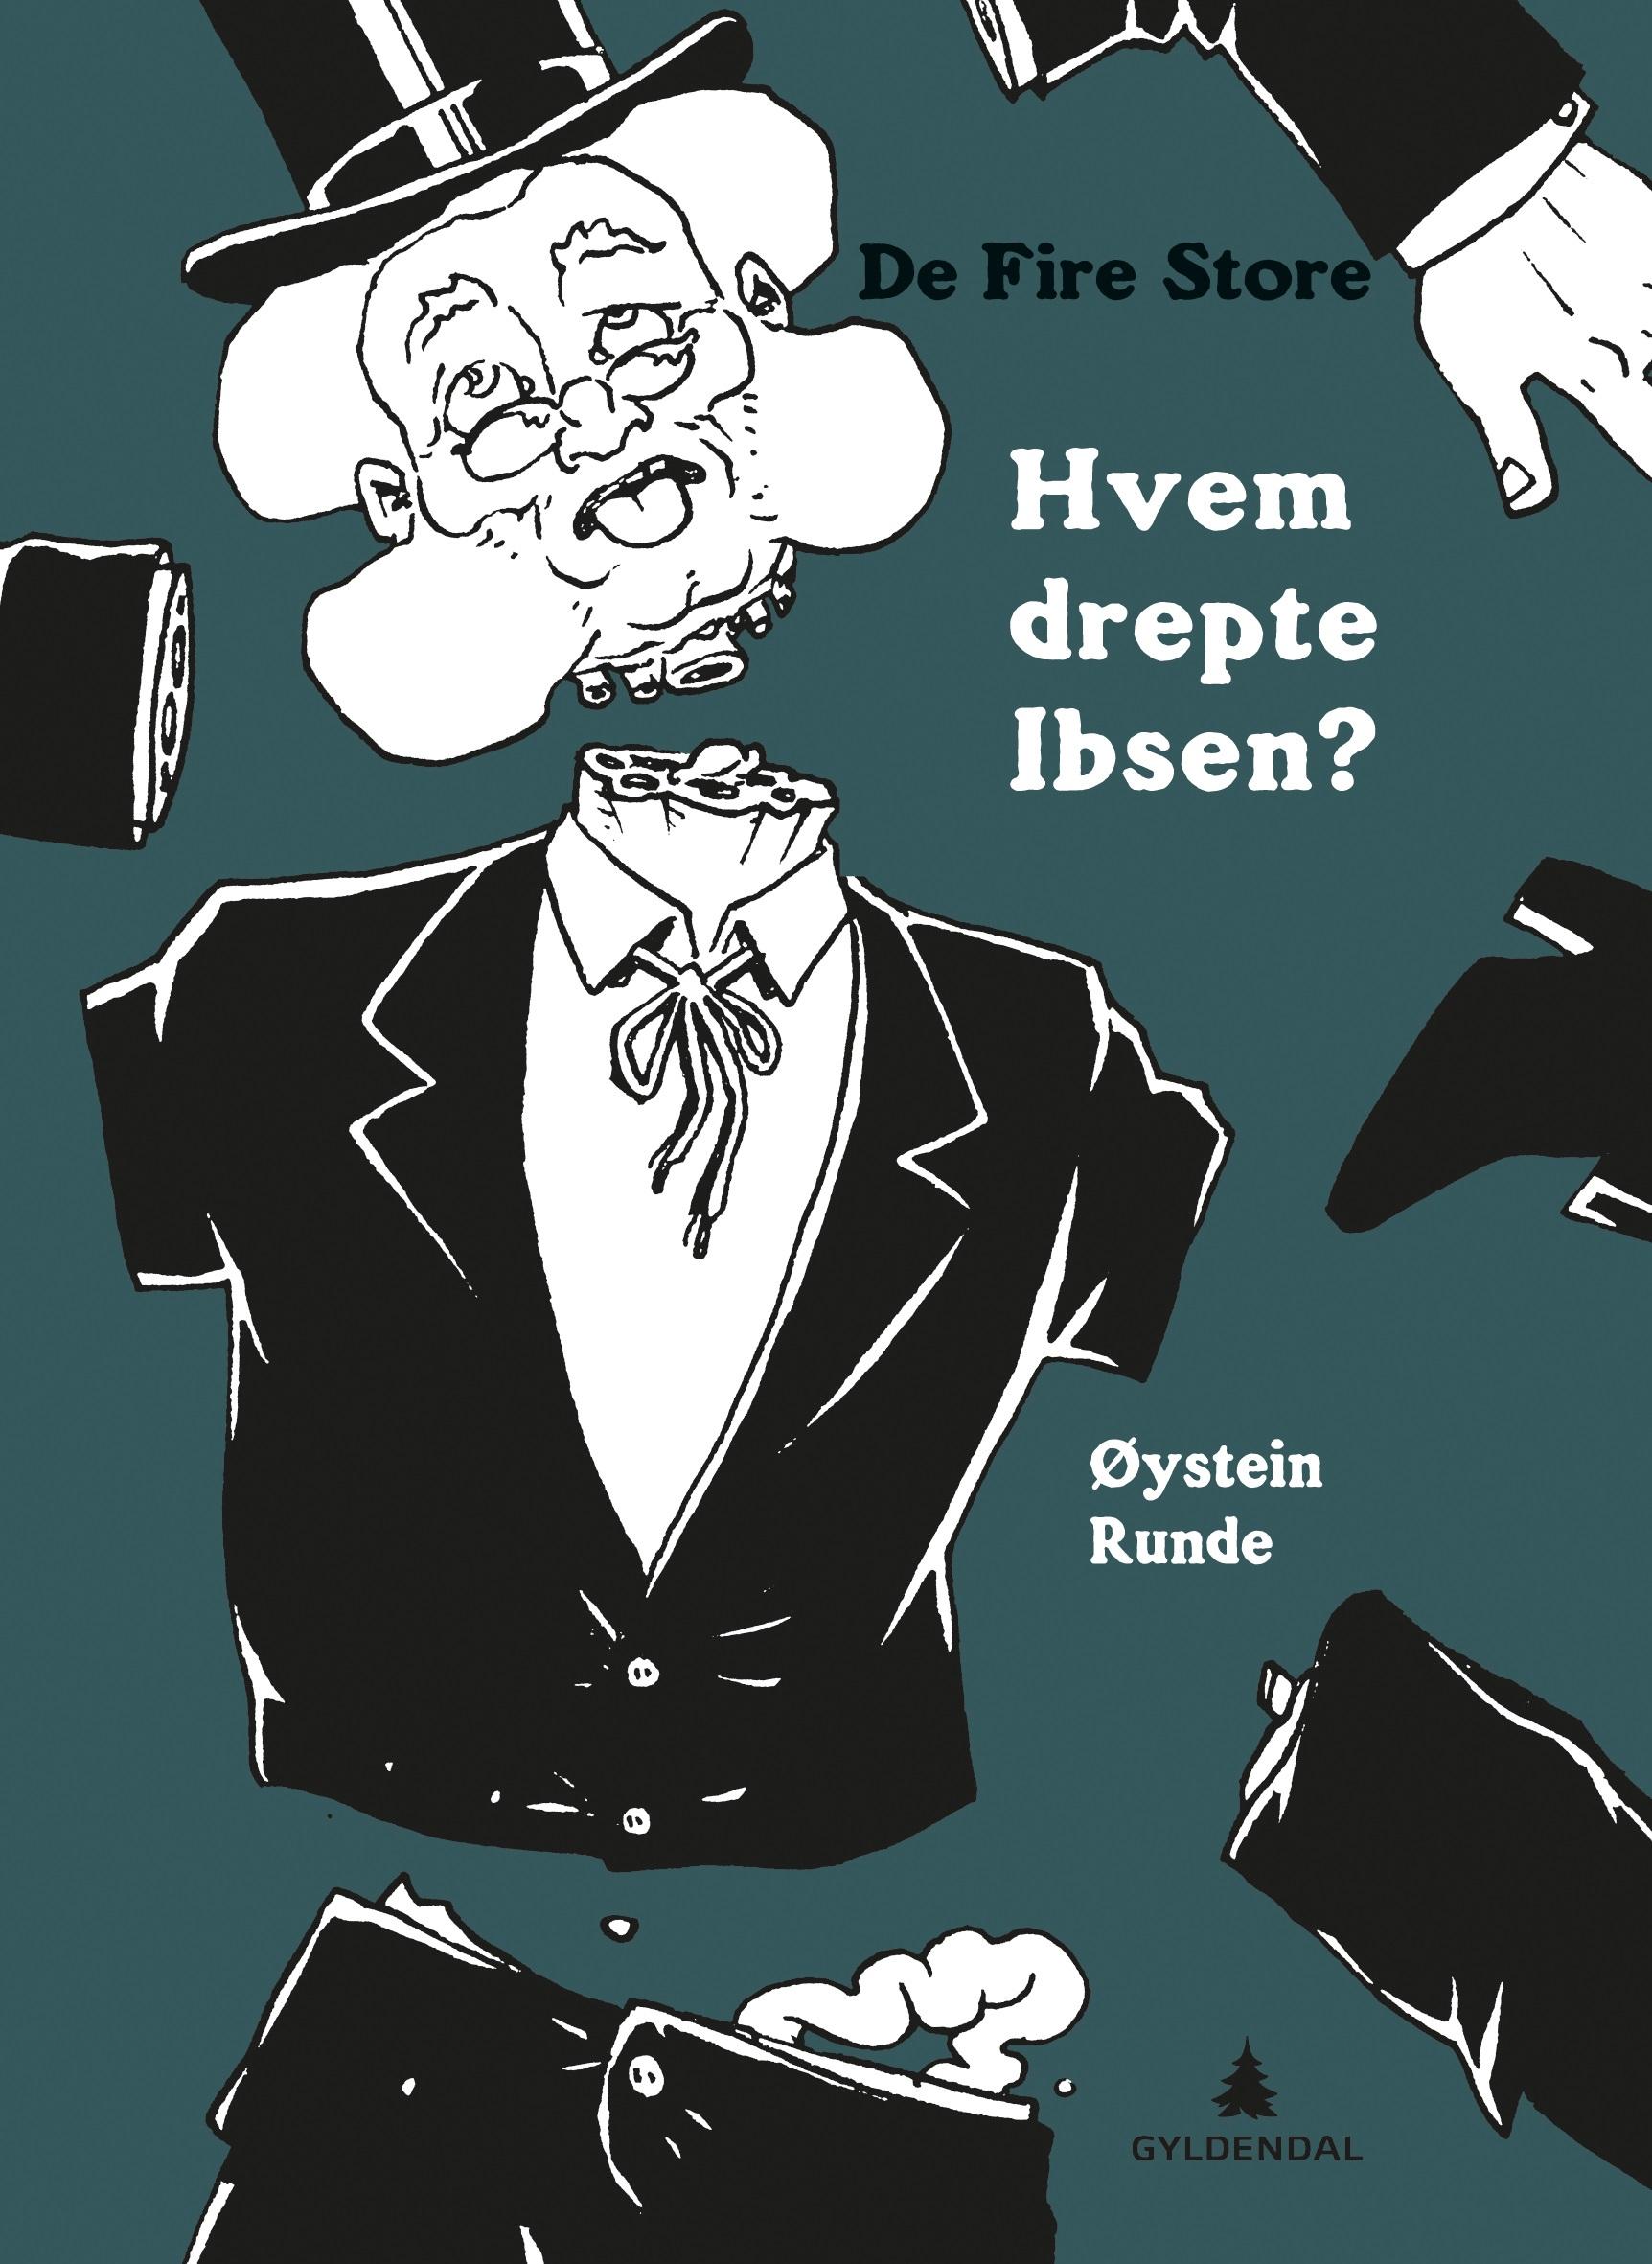 Hvem-drepte-Ibsen-_Fotokreditering-Gyldendal-2